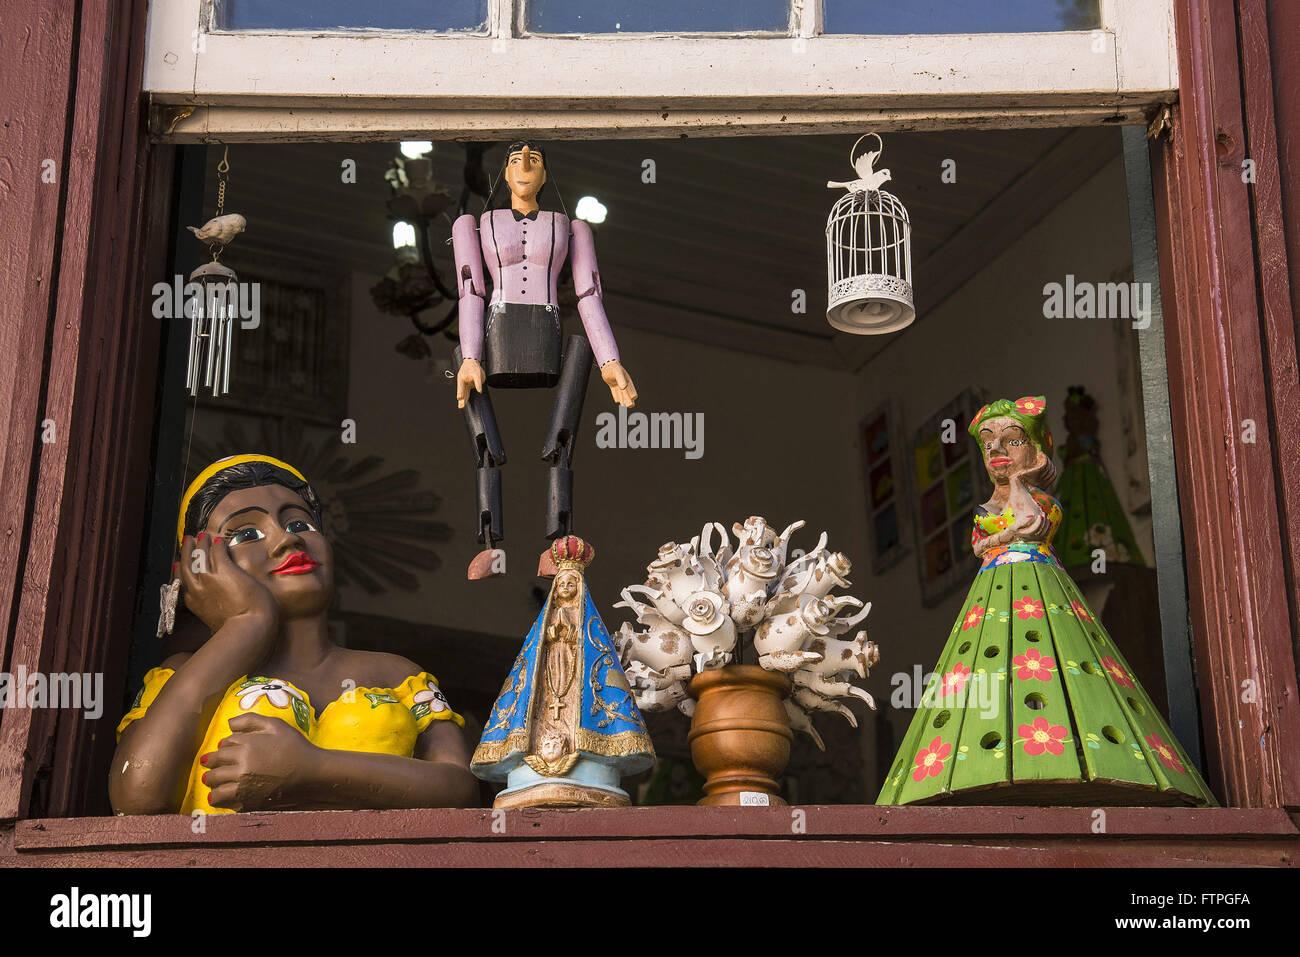 Flirt vendita presso il negozio di artigianato nel centro storico Immagini Stock